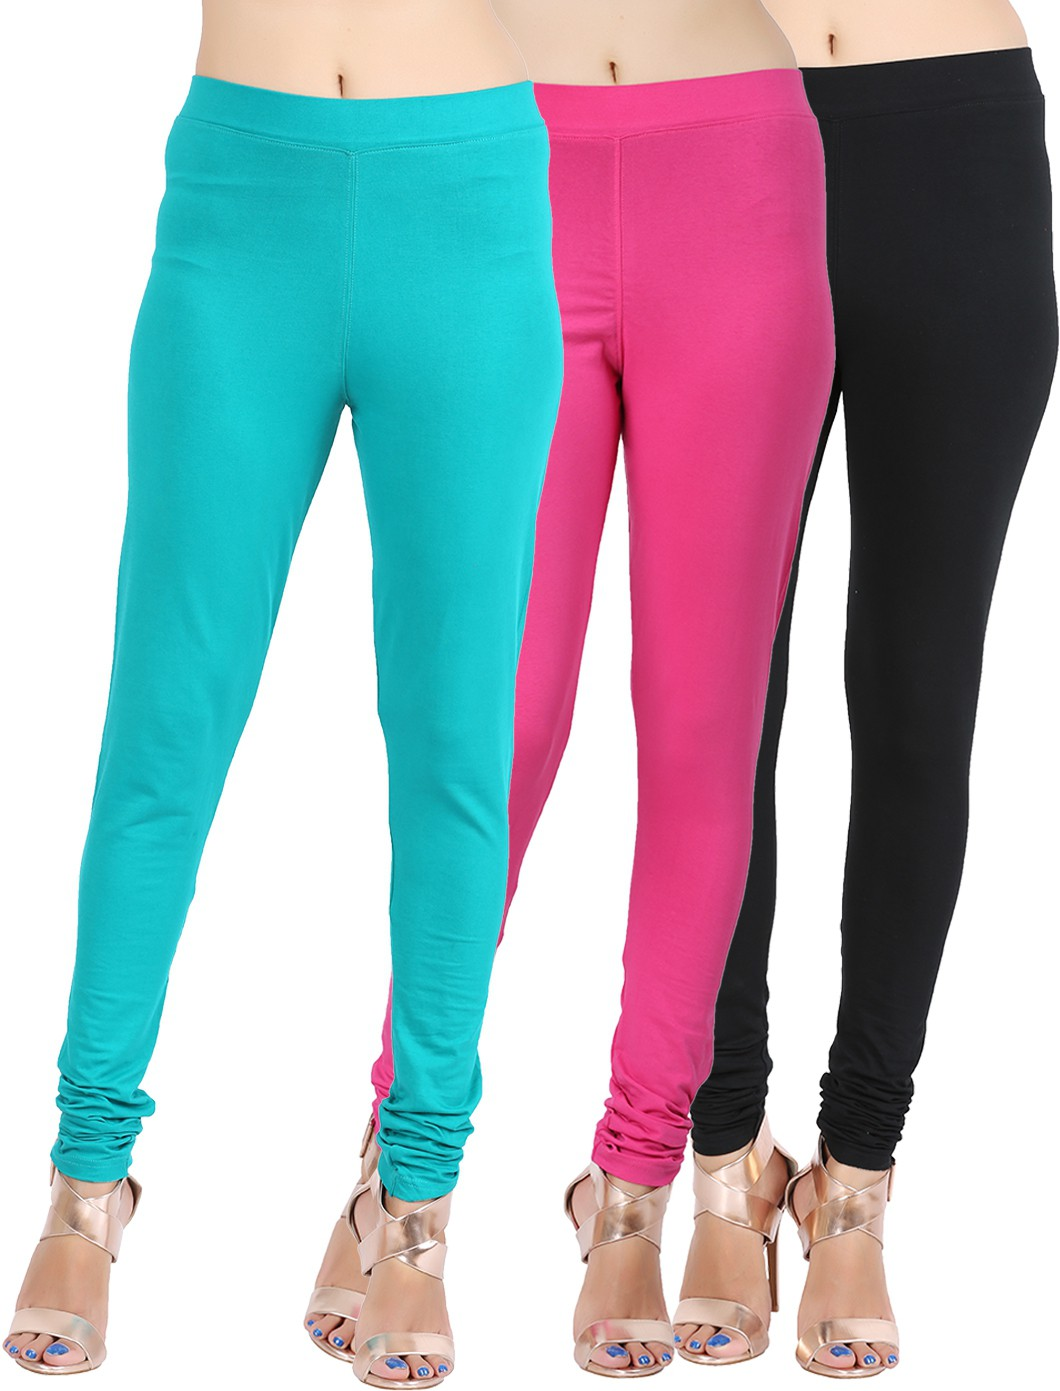 Lula Ms Womens Black, Pink, Dark Green Leggings(Pack of 3)